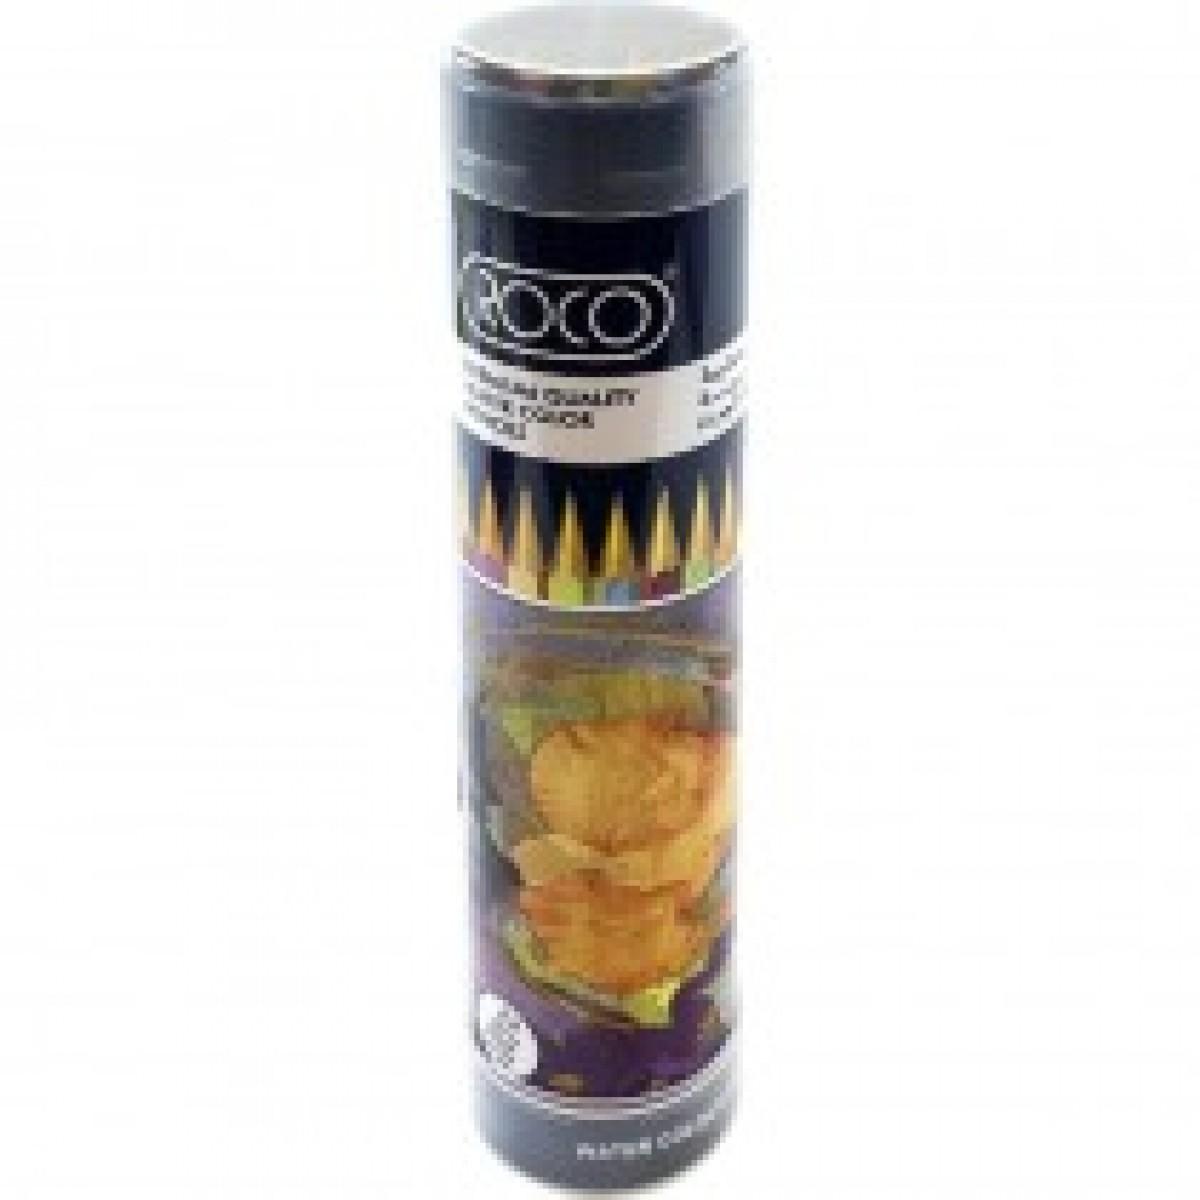 اقلام تلوين خشبية مائية روكو مع فرشاة,24 قلم تلوين